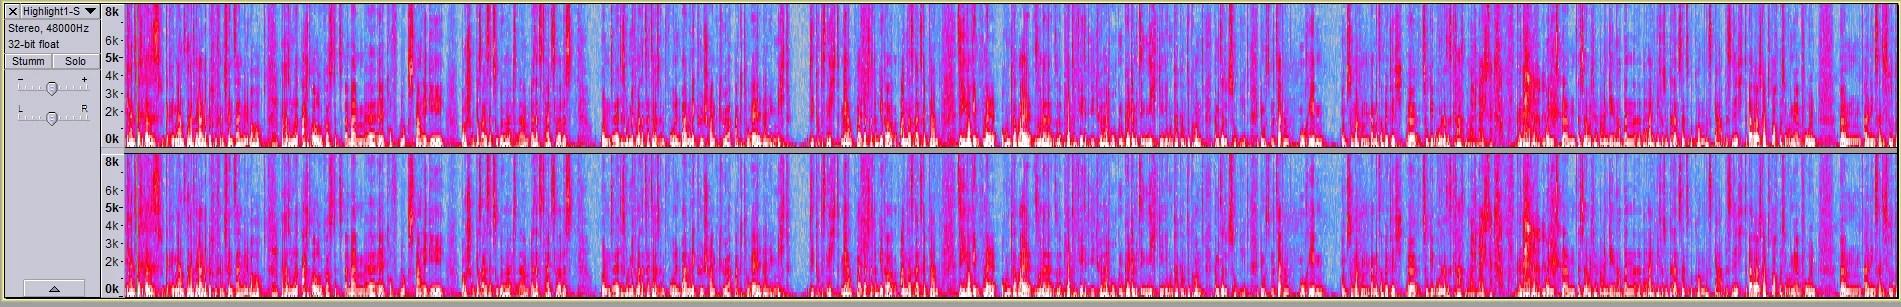 Die Audacity Spectralformen wirken schrill, geben aber die entsprechenden Soundinformationen visuell wieder.